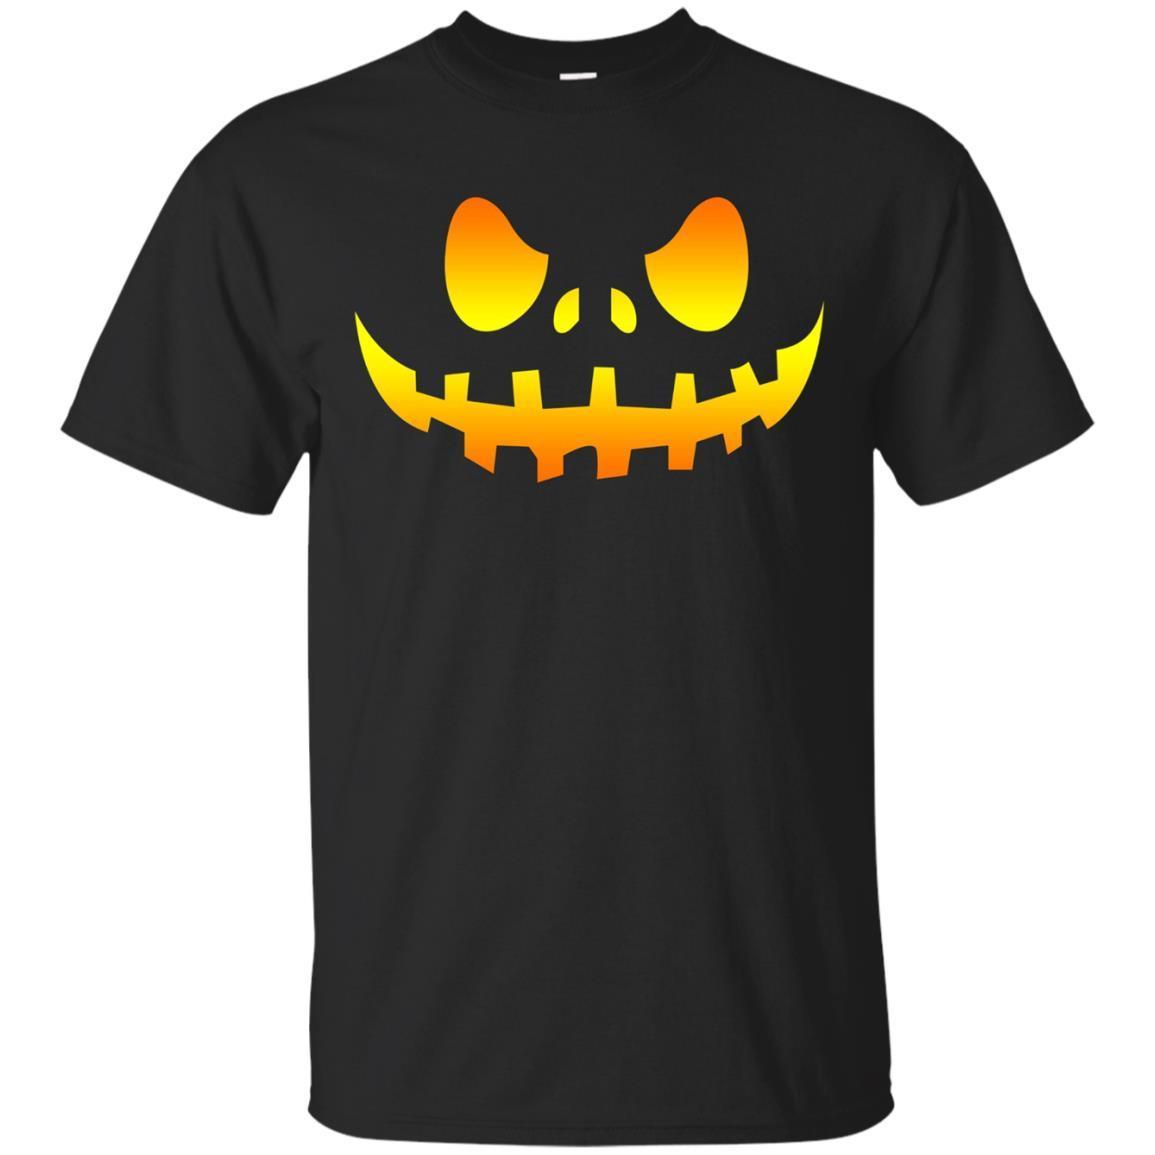 Pumpkin Face T Shirt Halloween Gifts Jack O Lantern